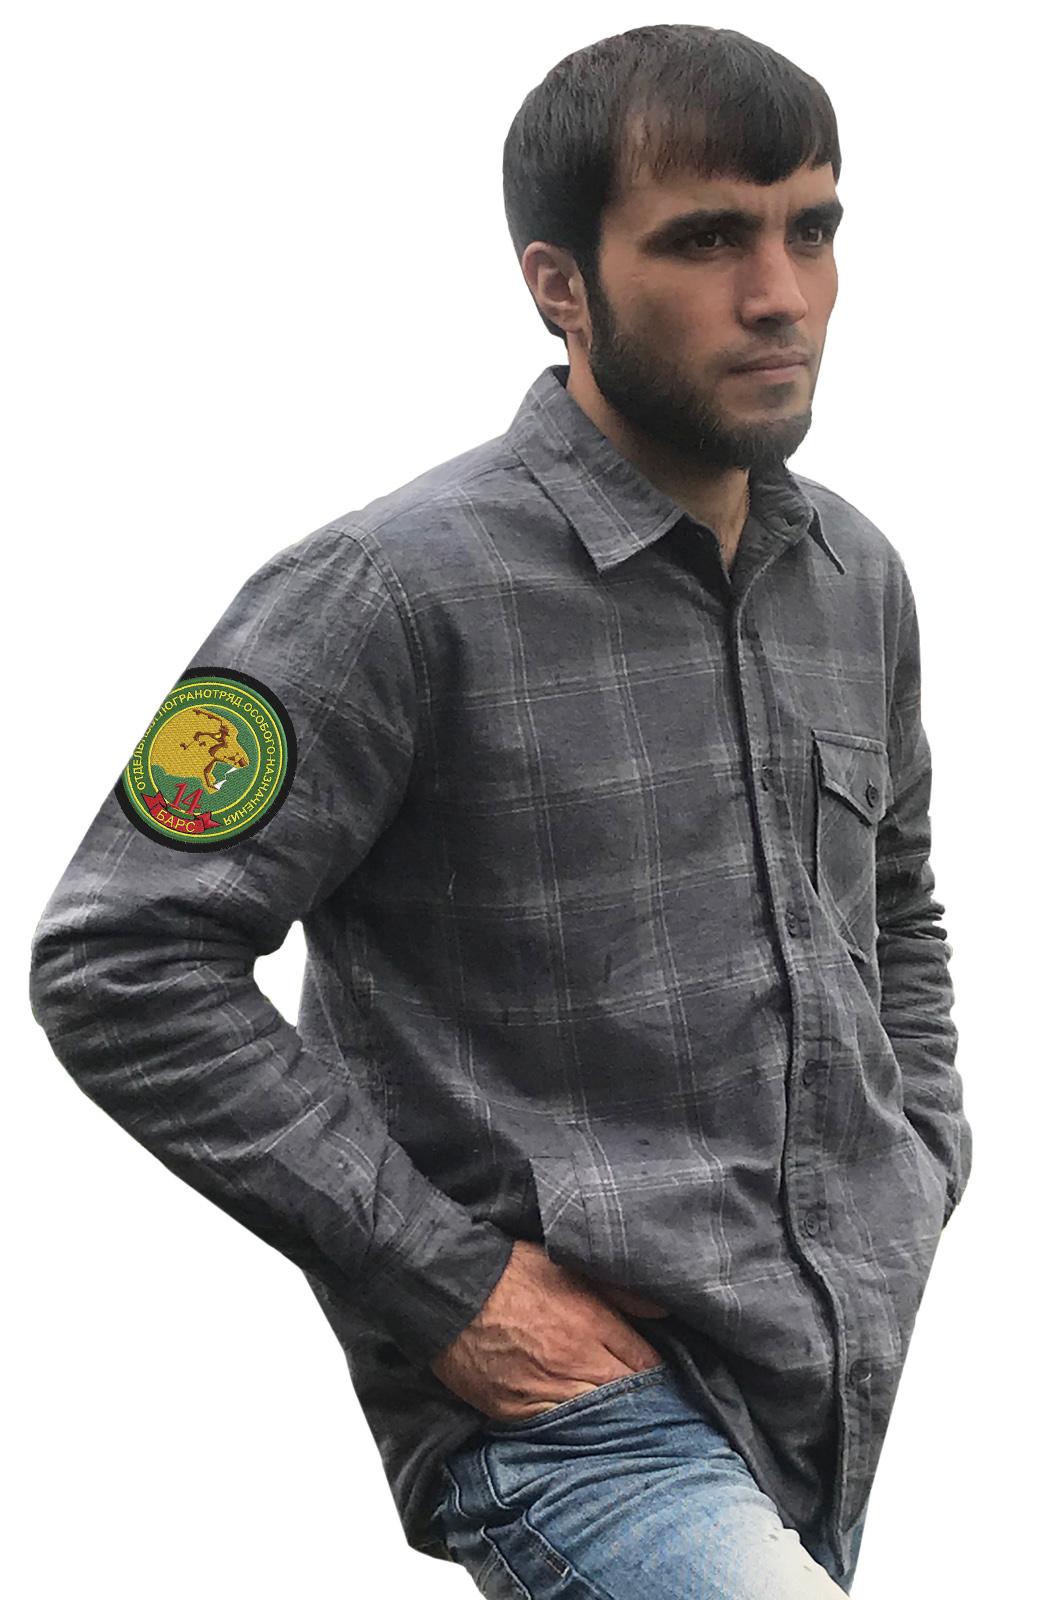 Рубашка с шевроном Пограничника